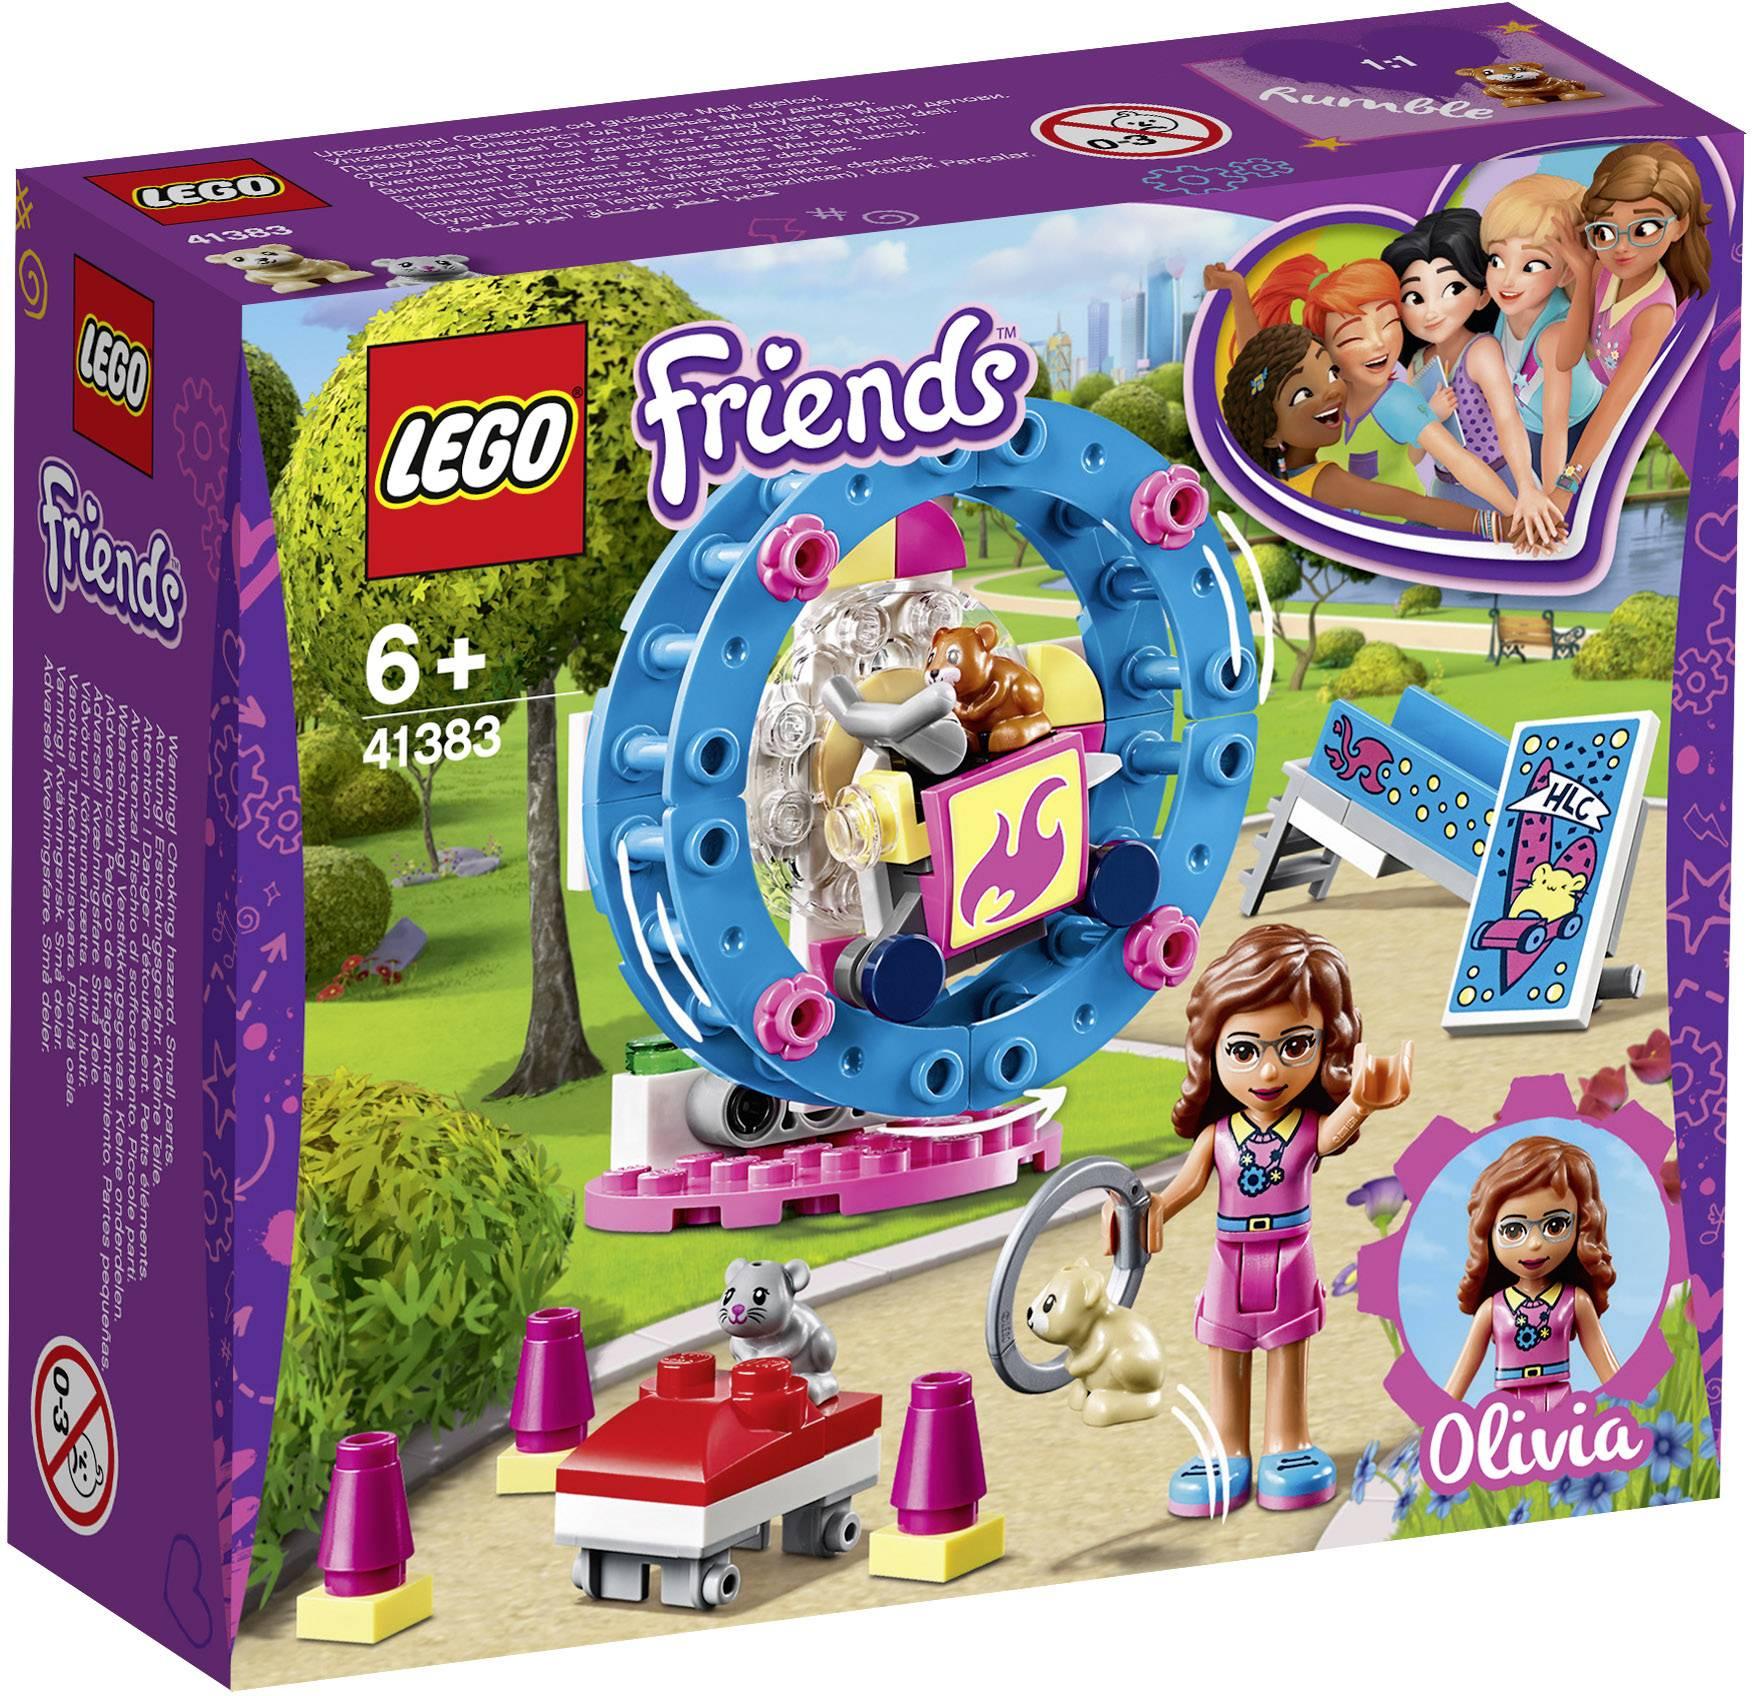 Lego Friends Olivias Cupcake-Café günstig kaufen 41366